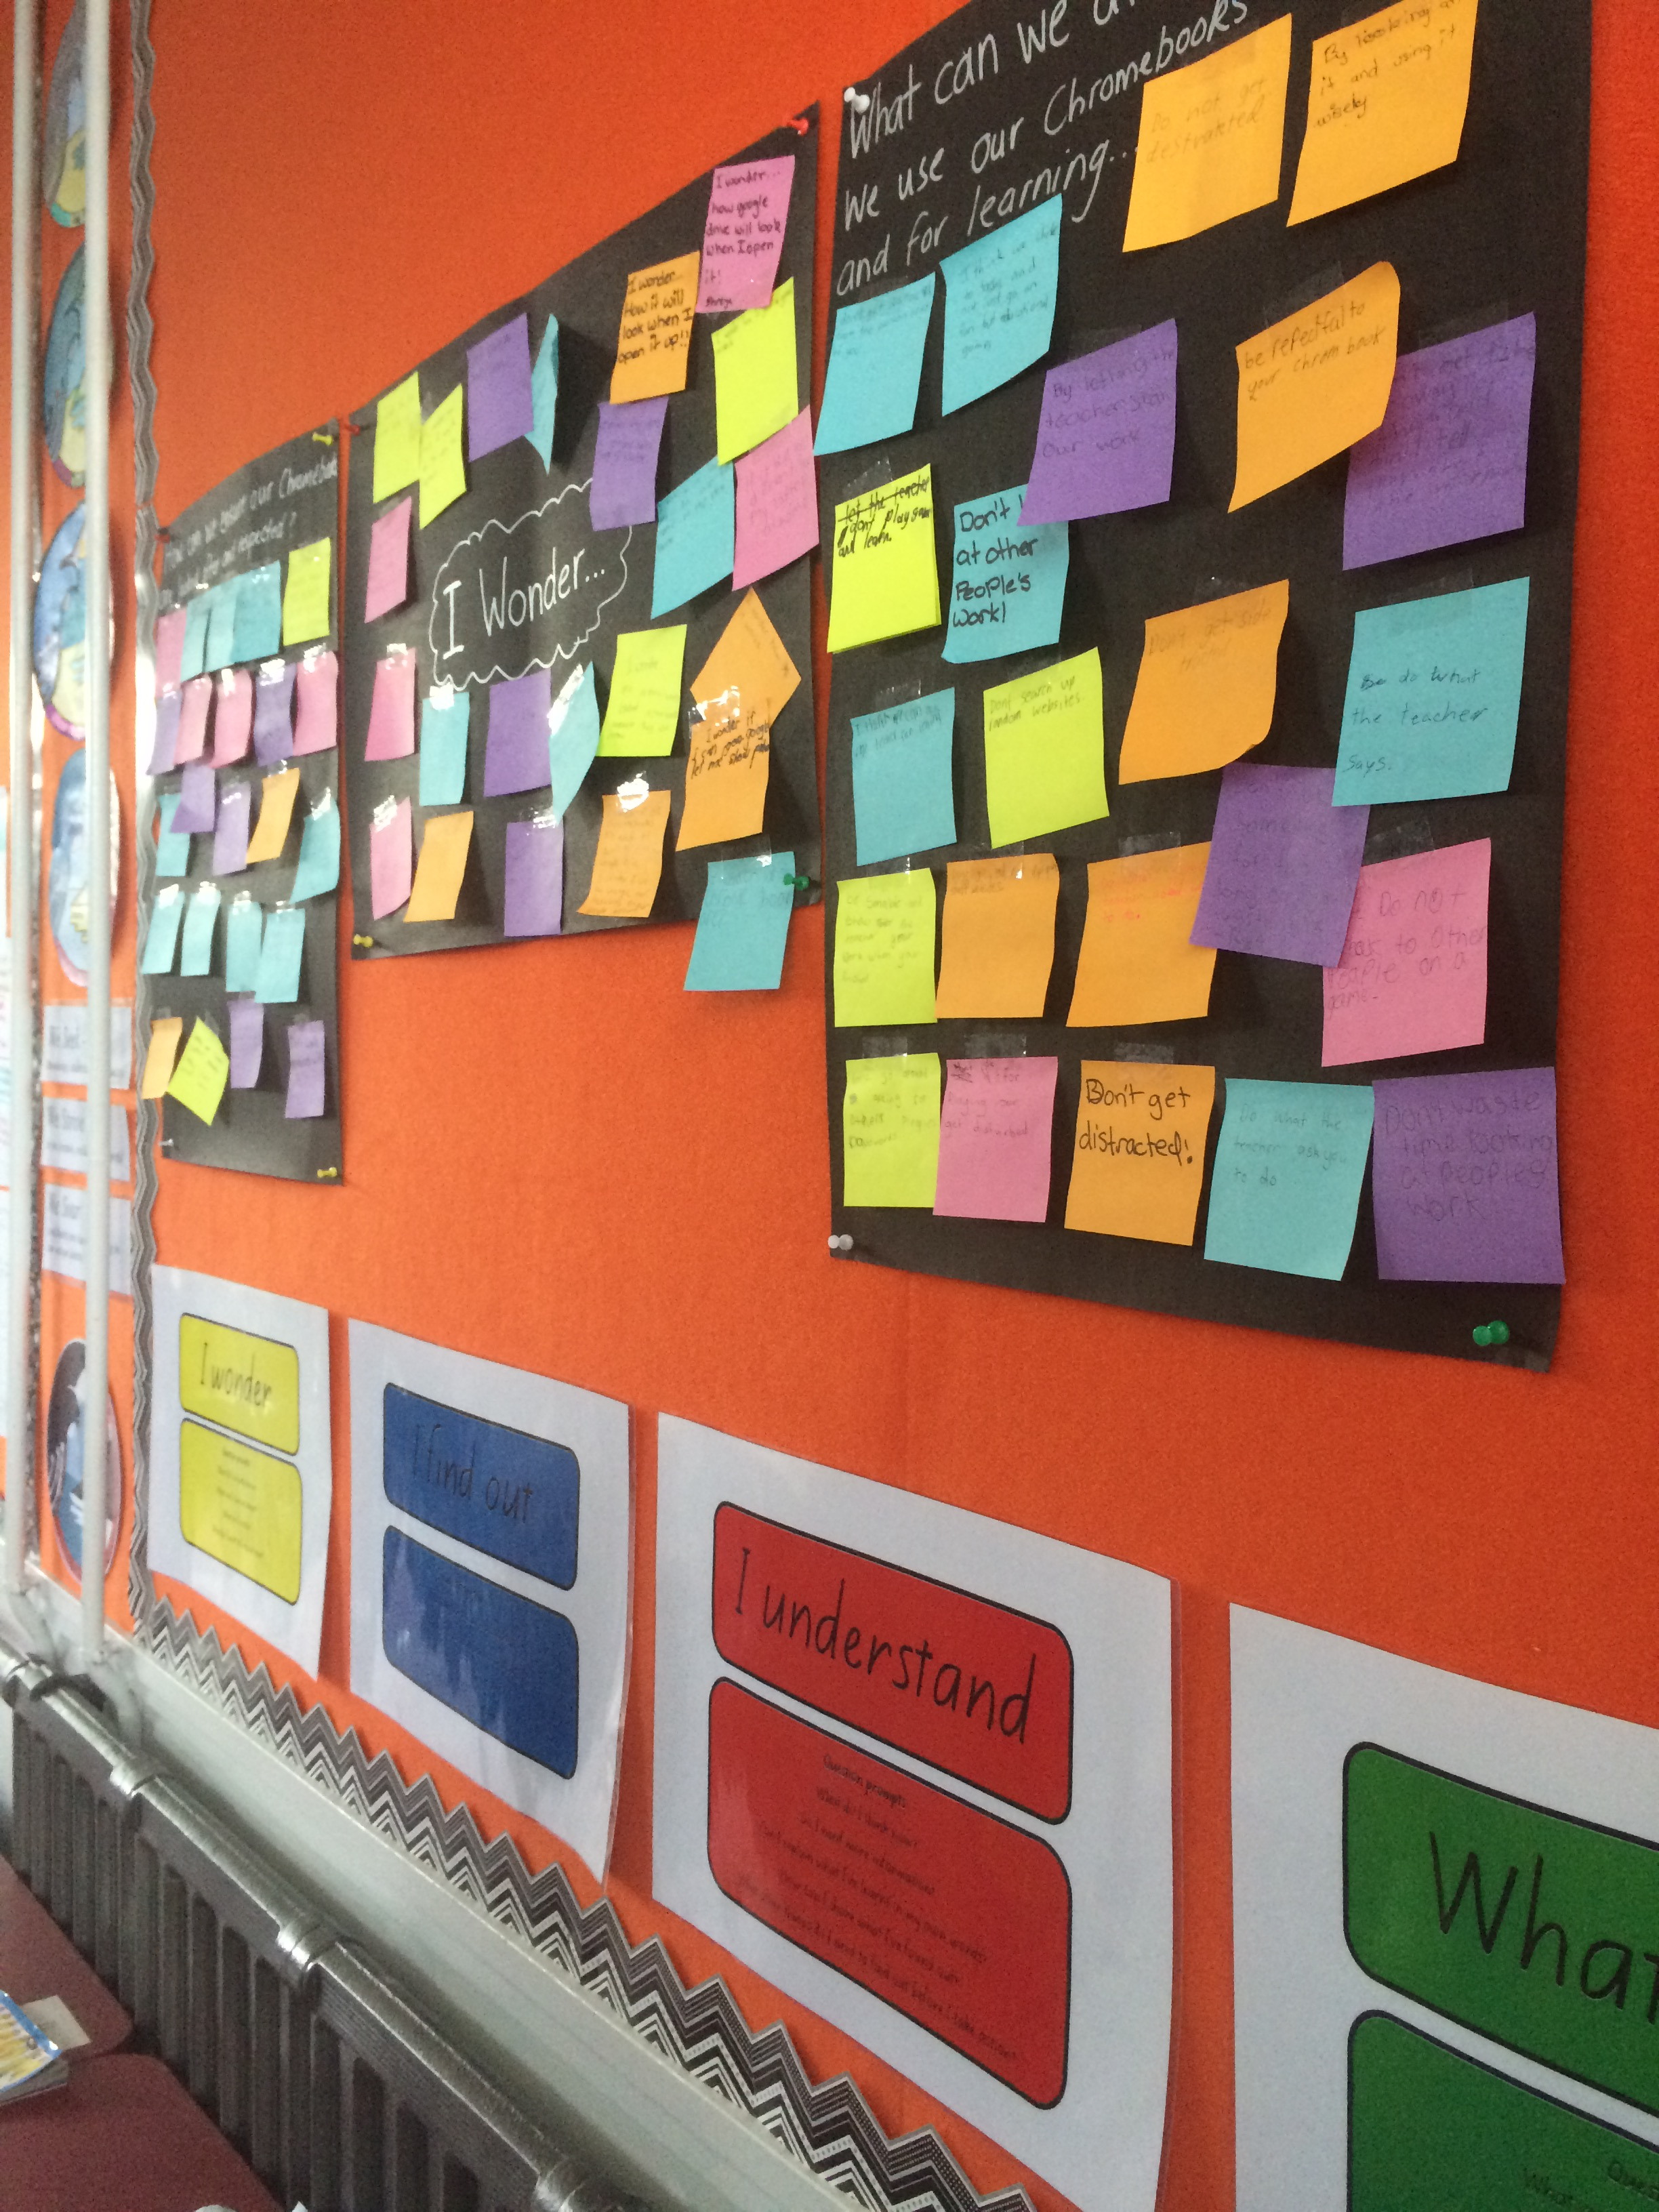 Blockhouse Bay Primary School - Inquiry